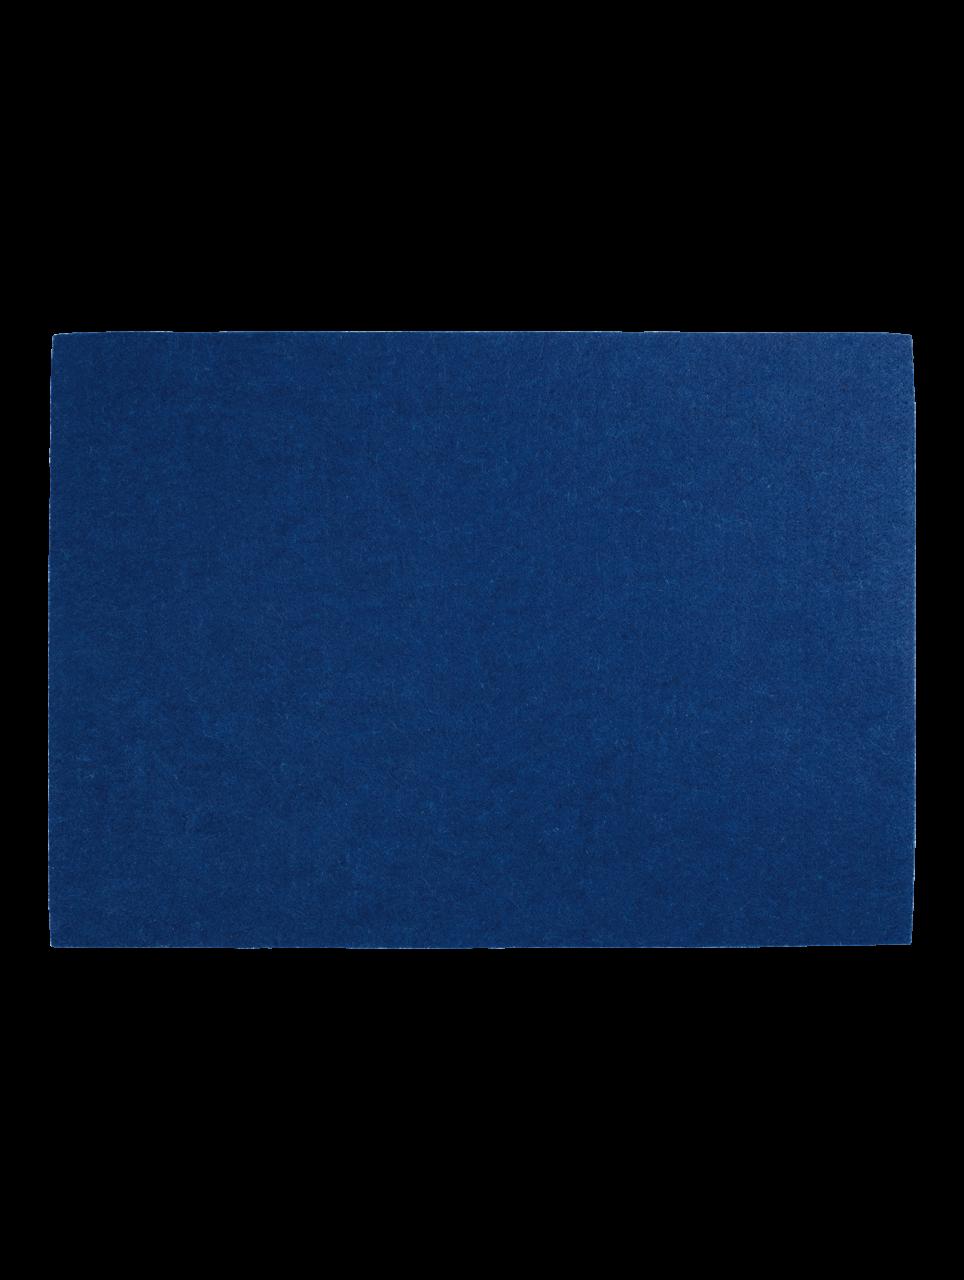 Tischset, midnight blue